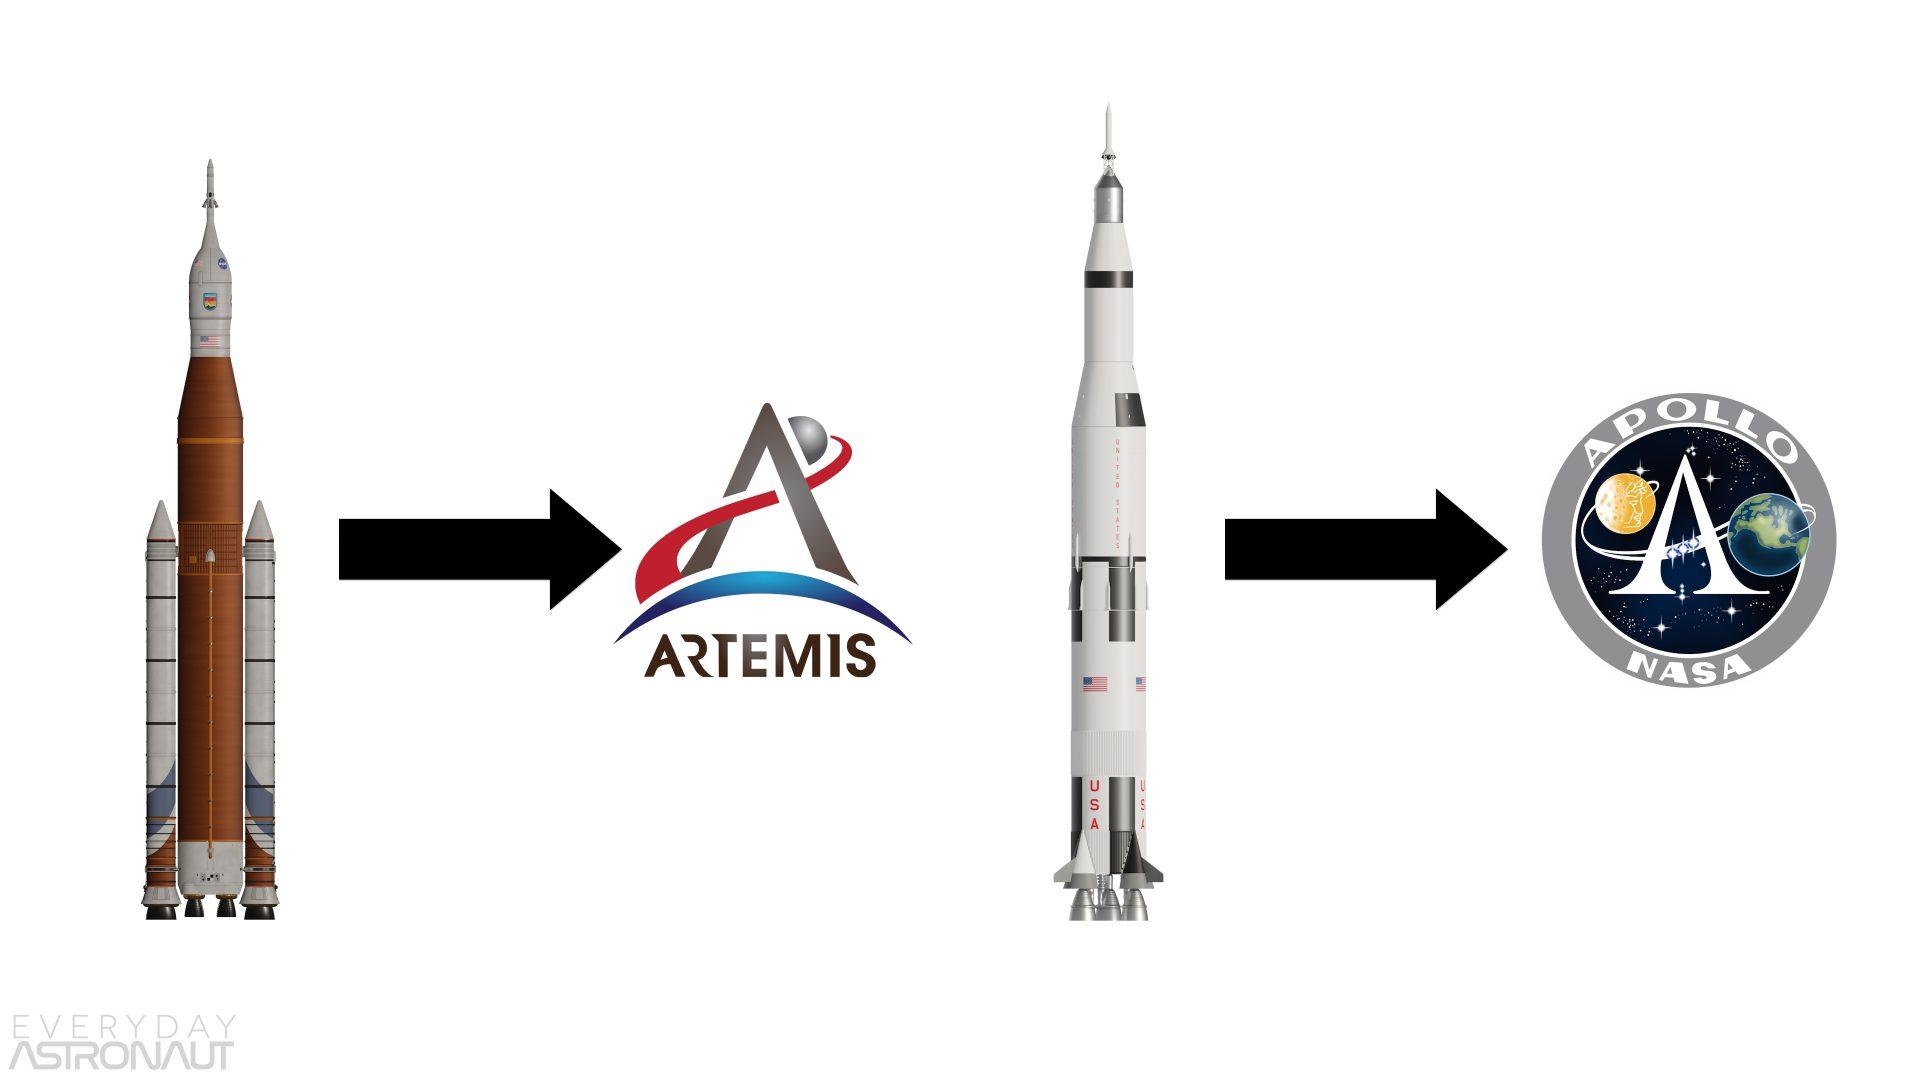 SLS to Artemis Saturn V Apollo